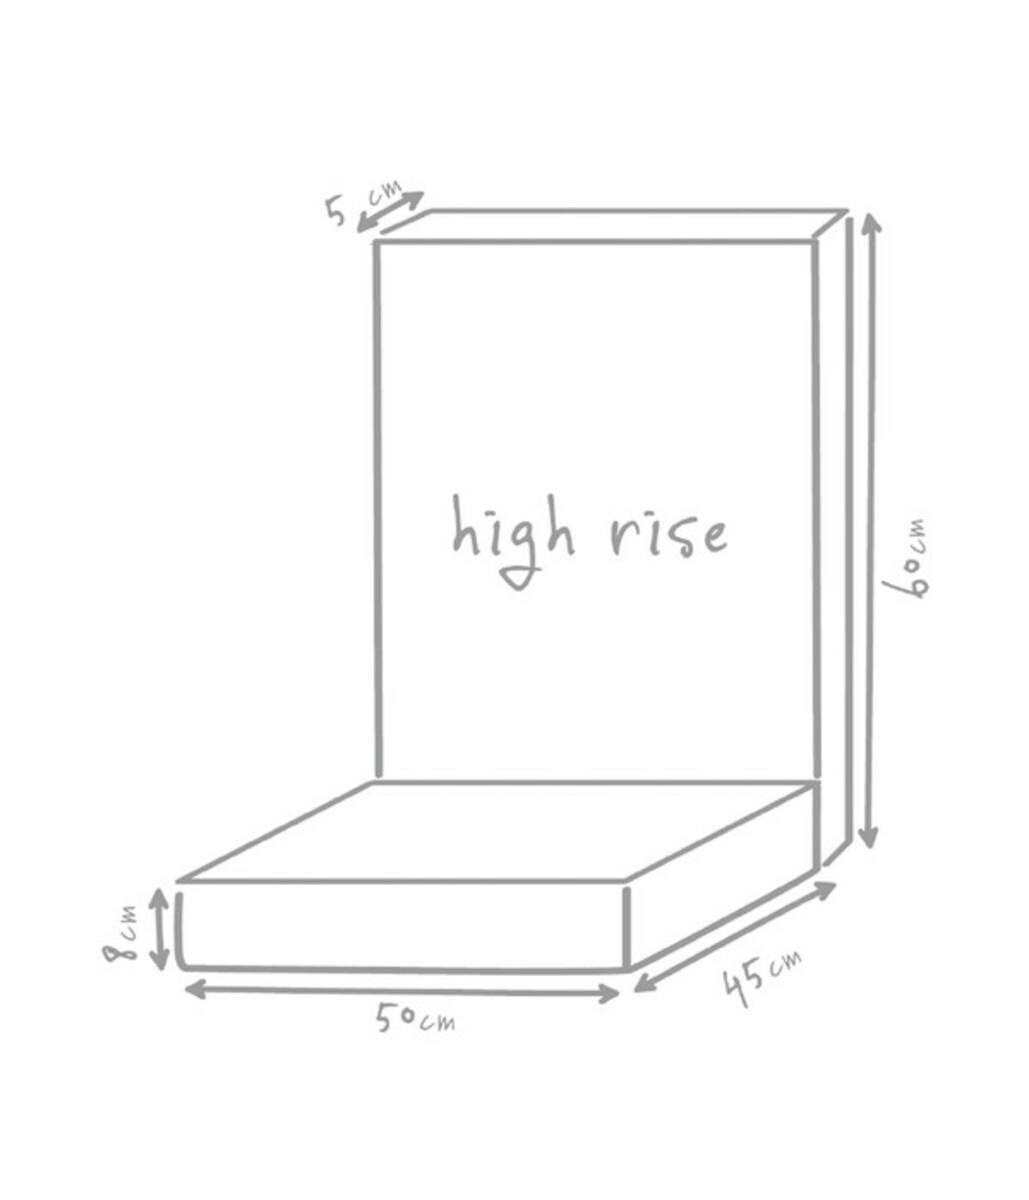 Bild 4 von Outbag Hochlehnerpolster High Rise Plus, 105x50x8 cm